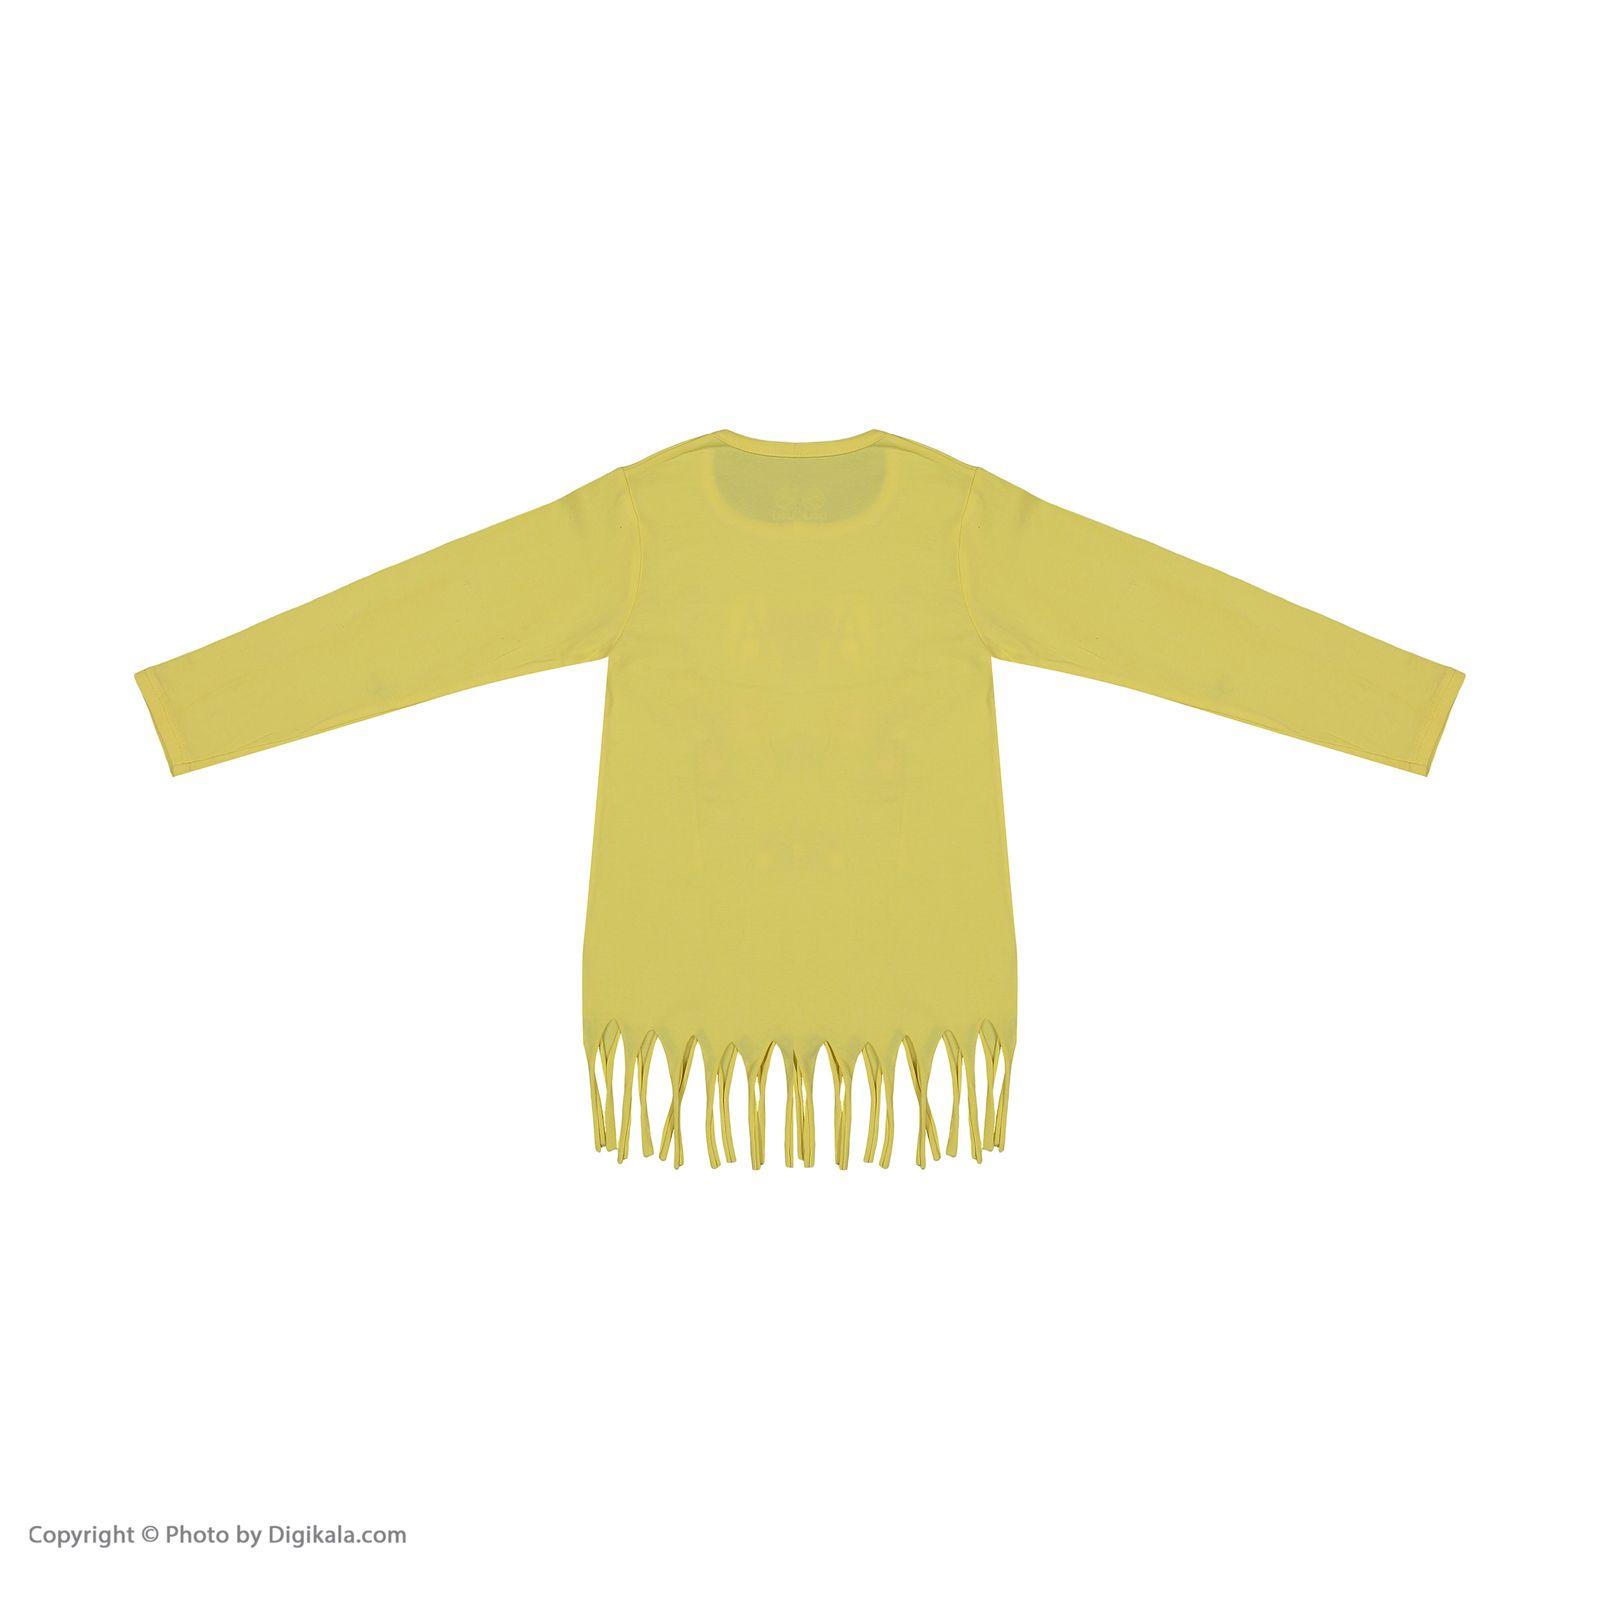 تی شرت دخترانه سون پون مدل 1391350-19 -  - 4